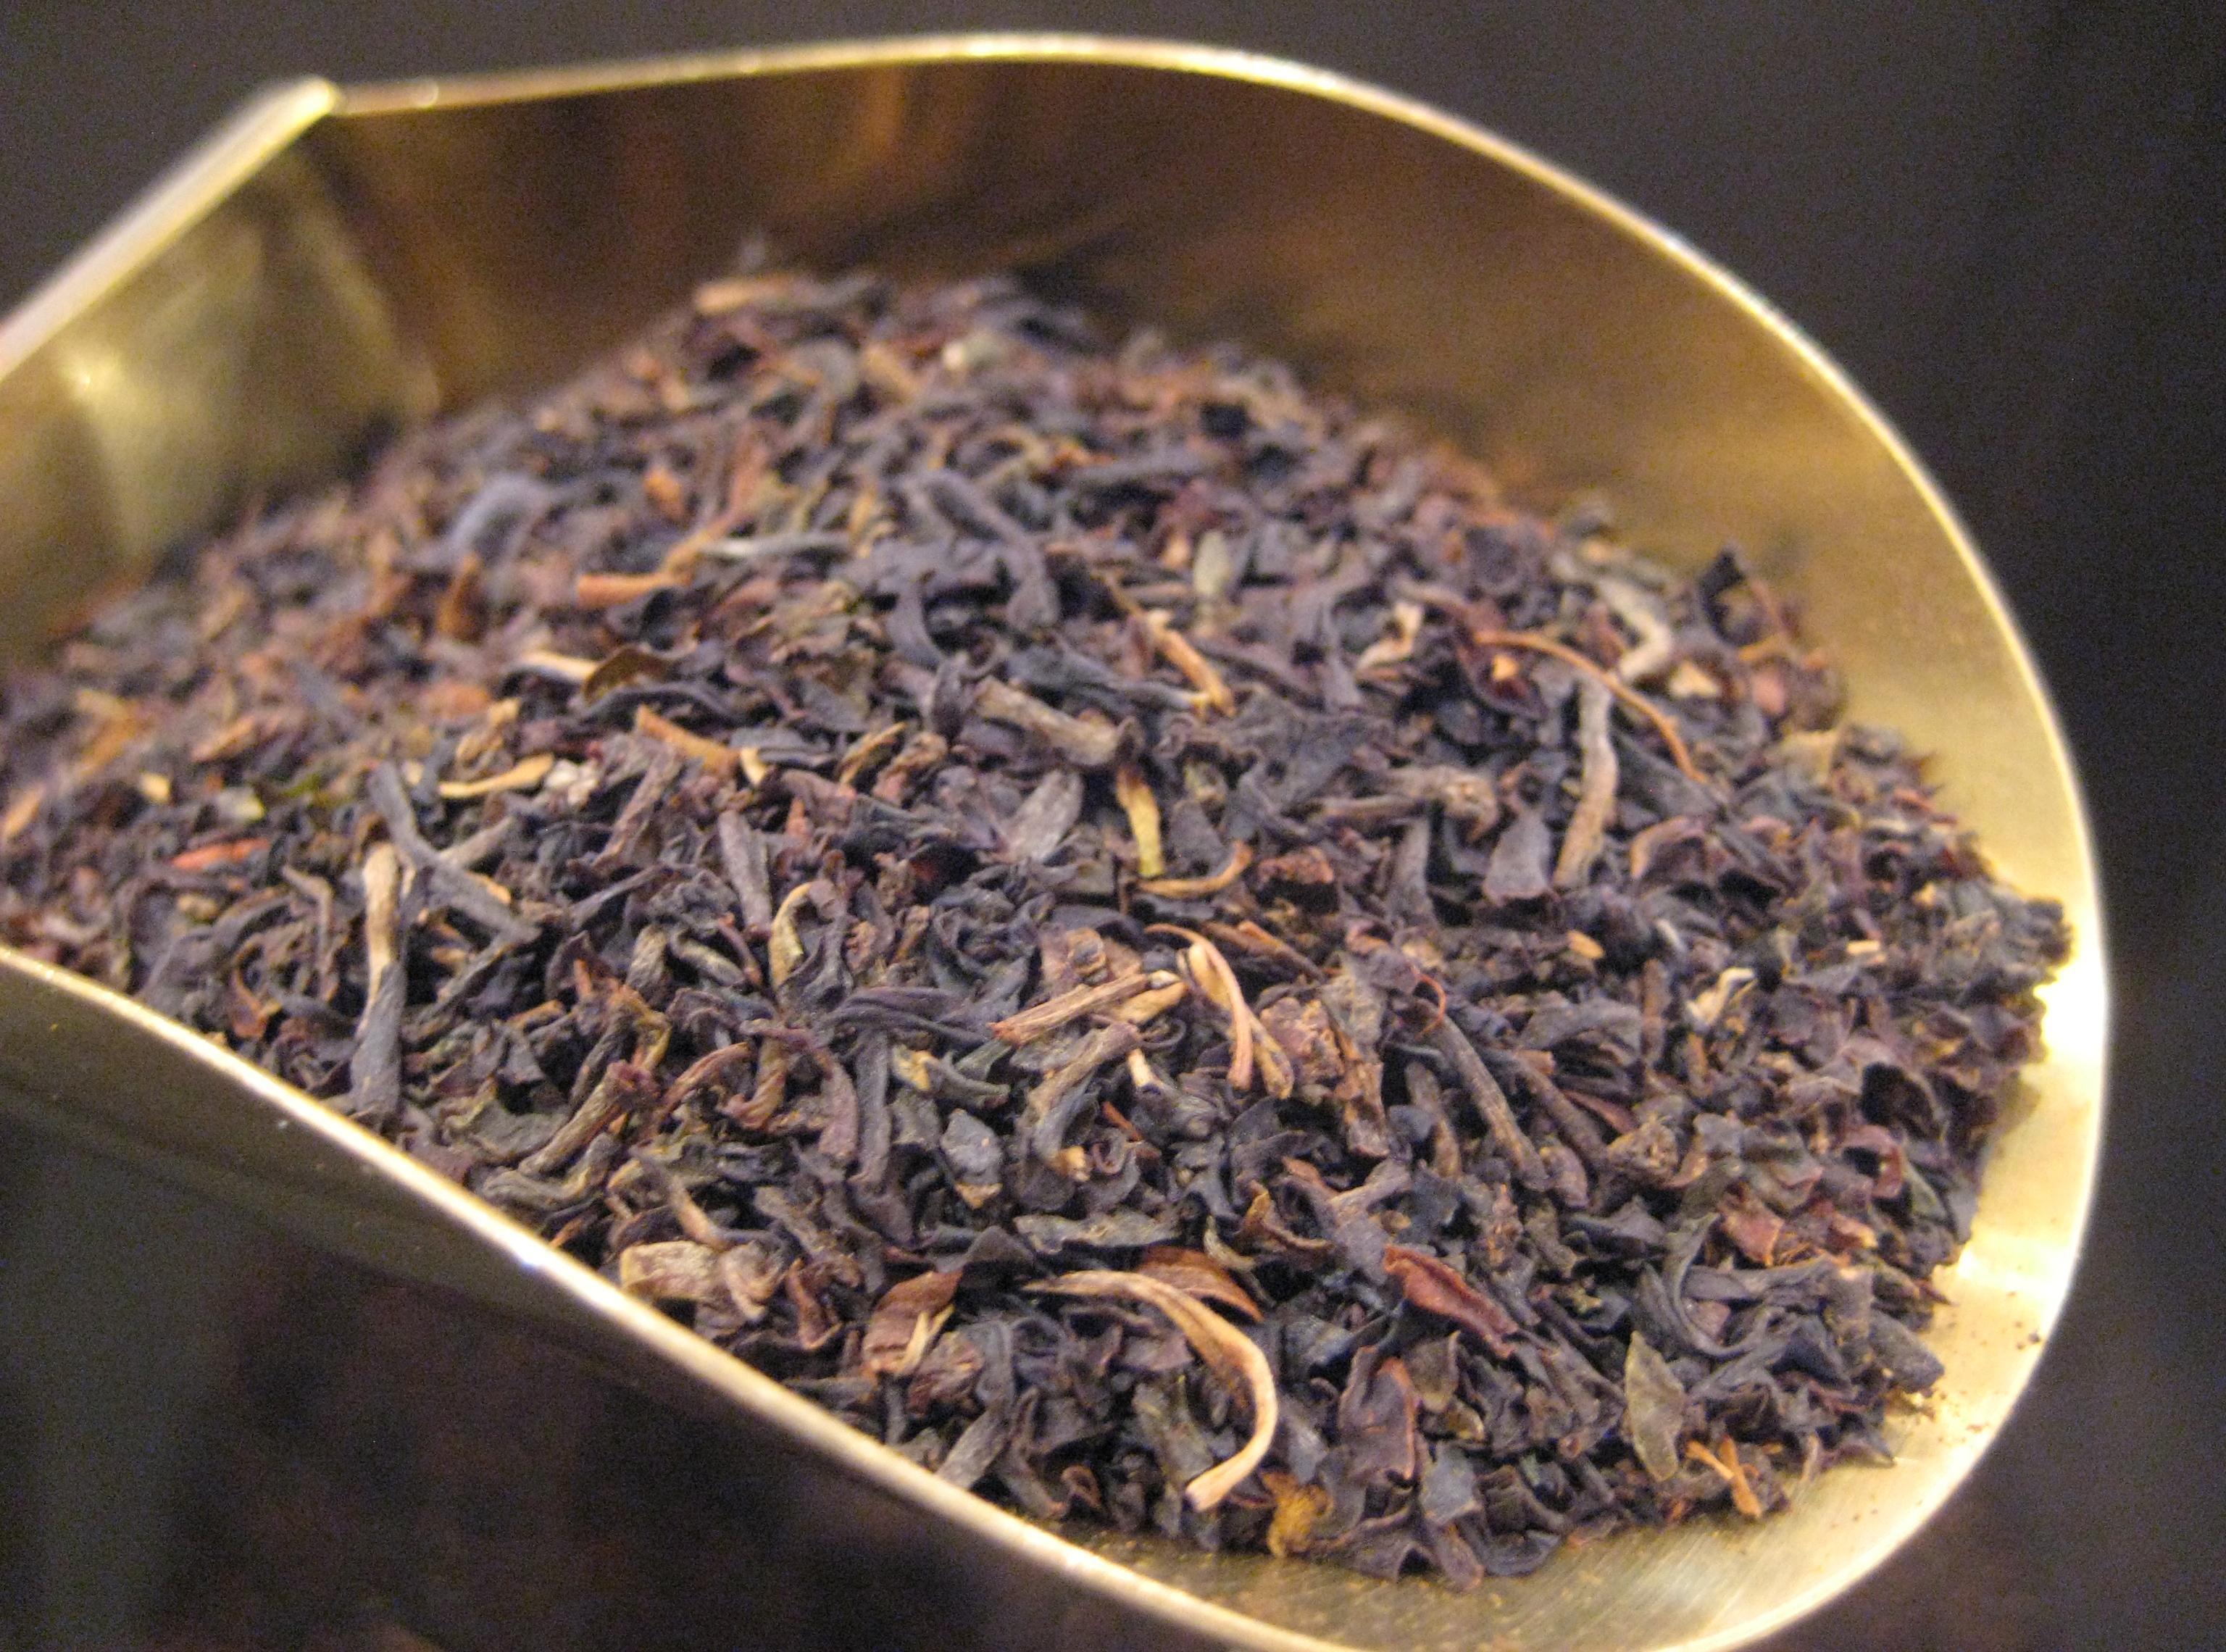 Ортодоксальный черный чай меньше всего давит на среду